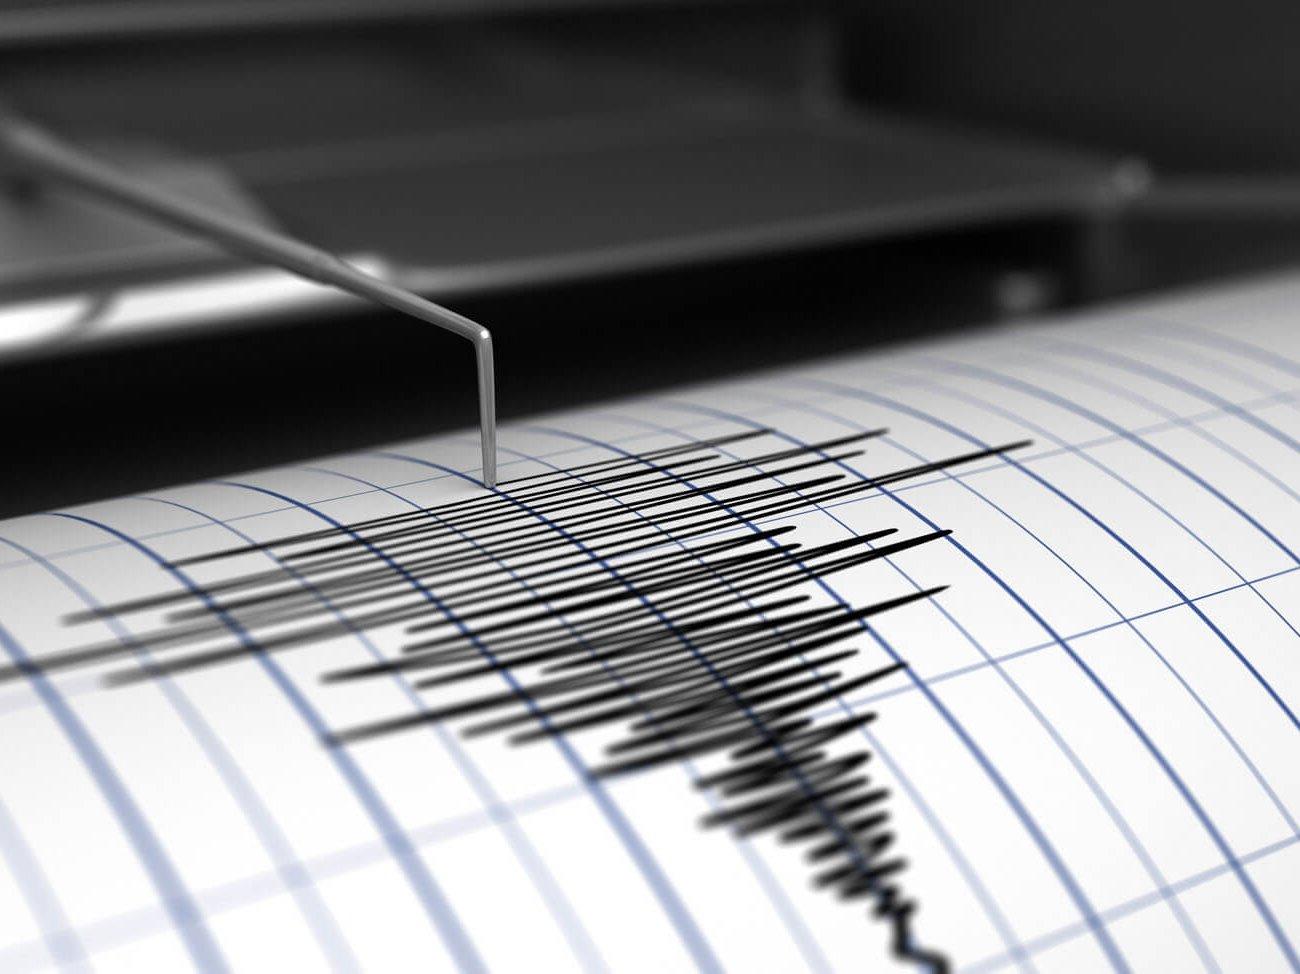 На северо-востоке Японии произошло землетрясение магнитудой 7,2 балла